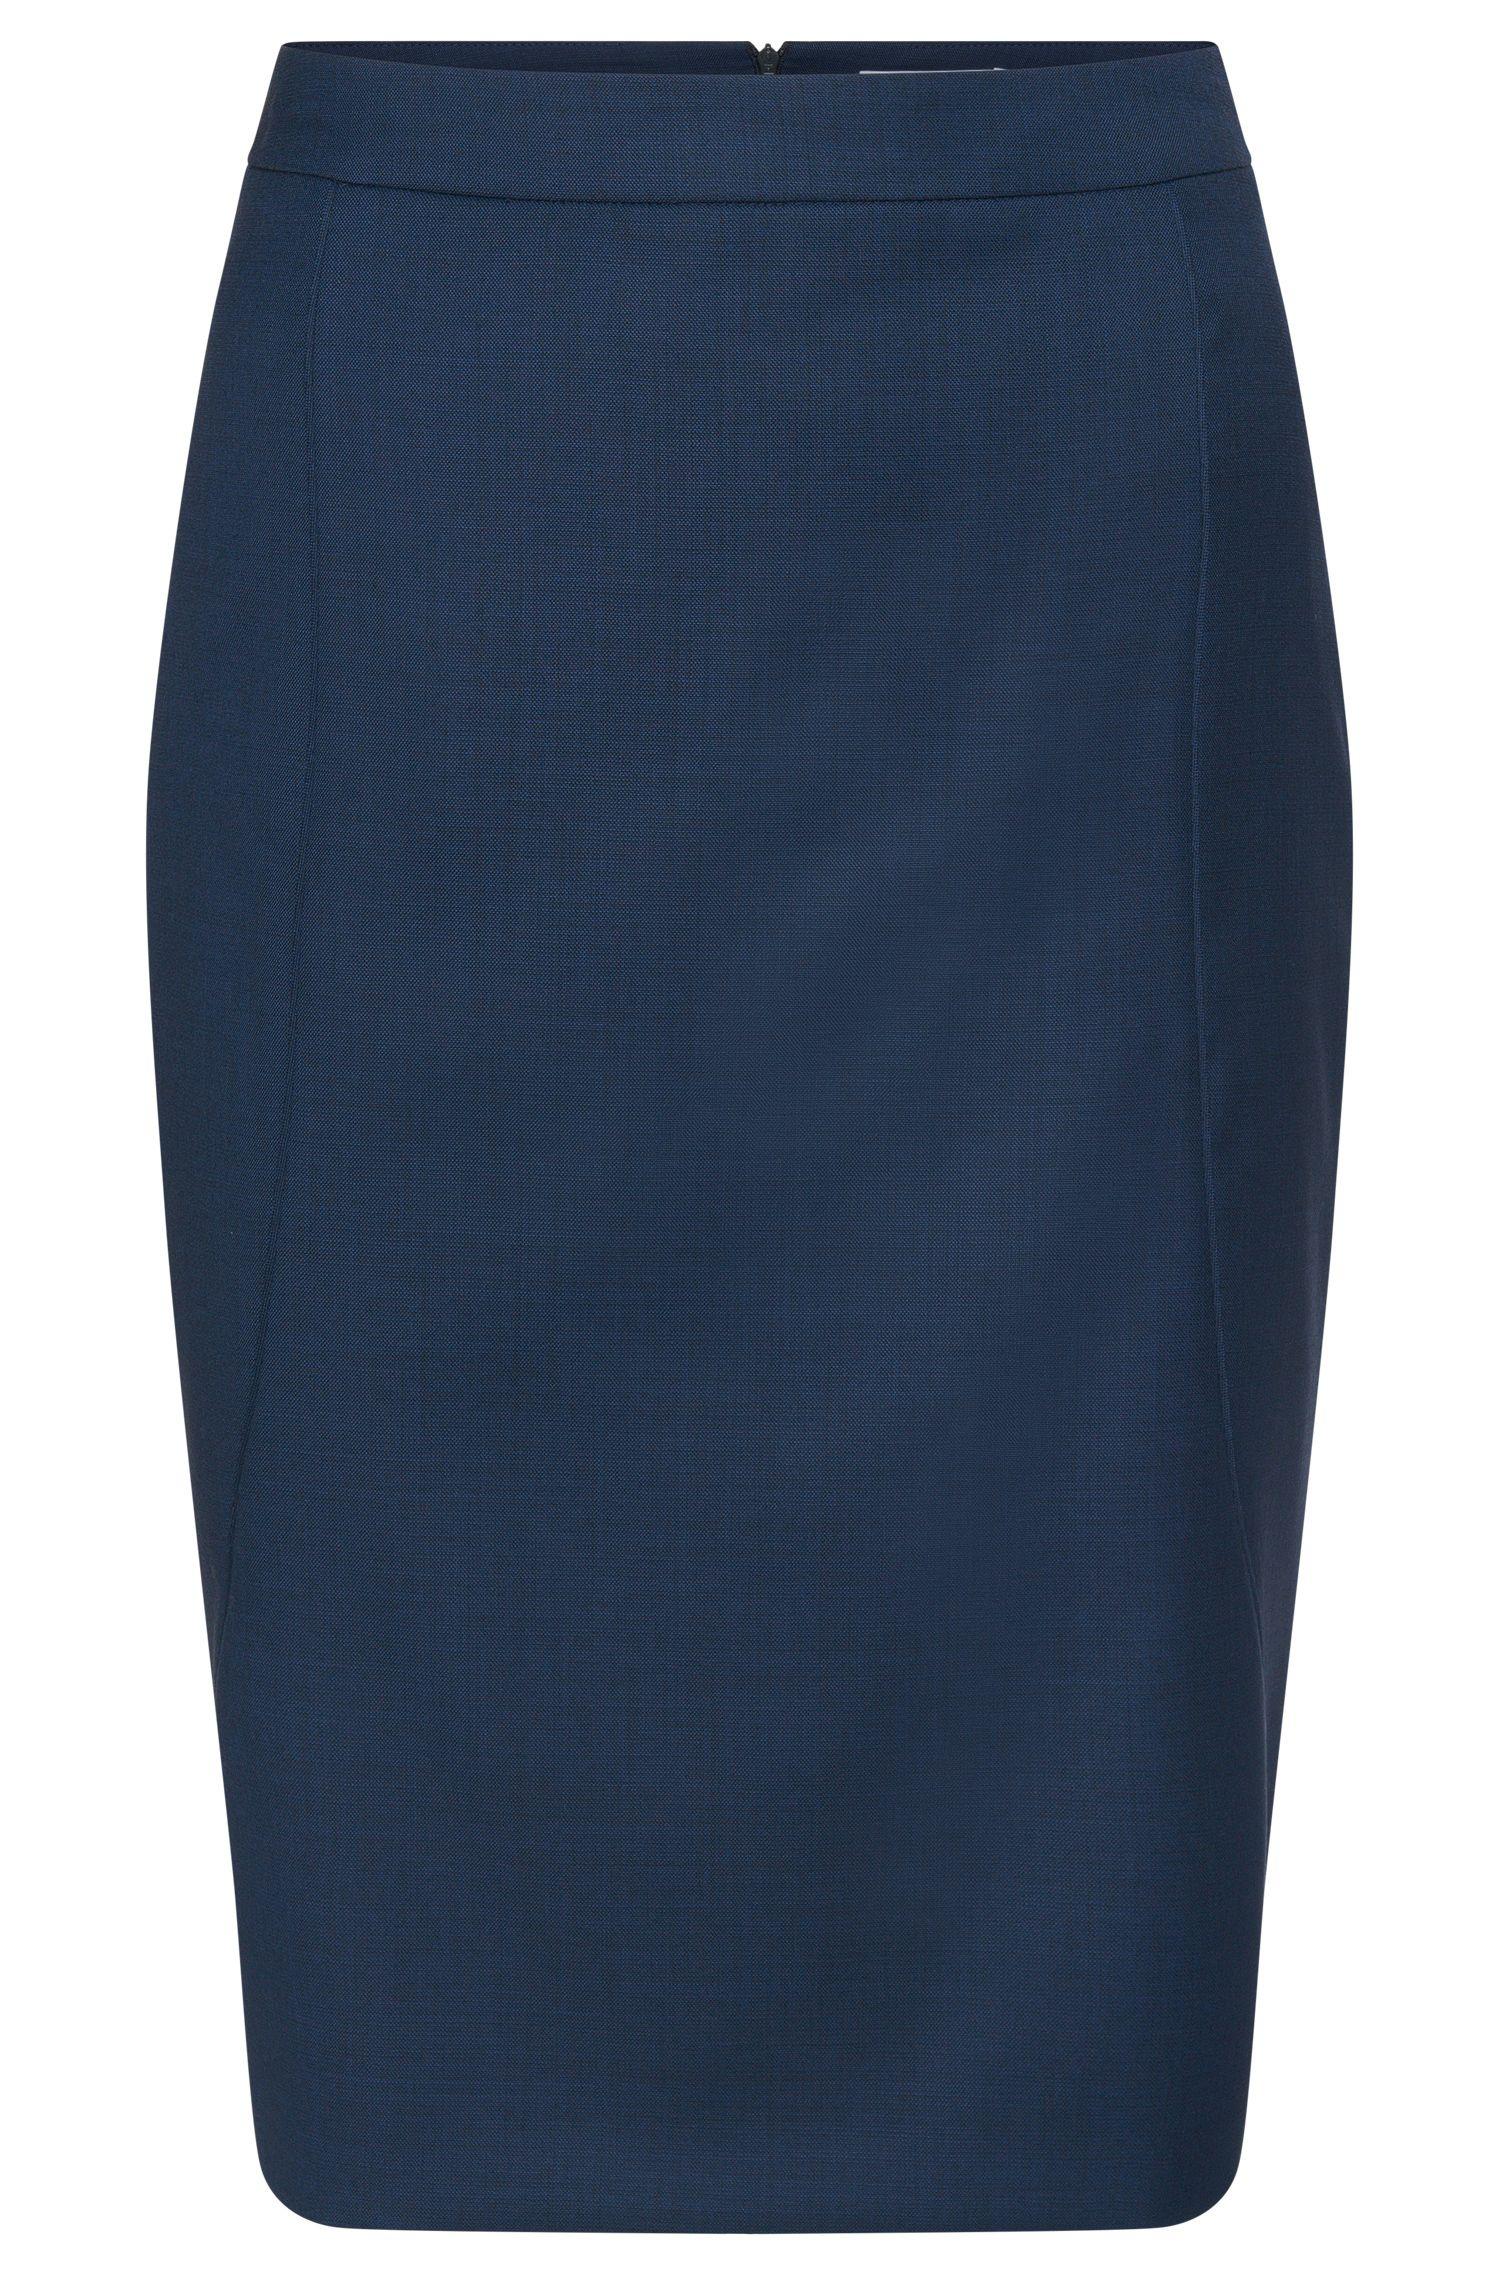 Falda lápiz en mezcla de lana elástica con costuras visibles: 'Venesa'